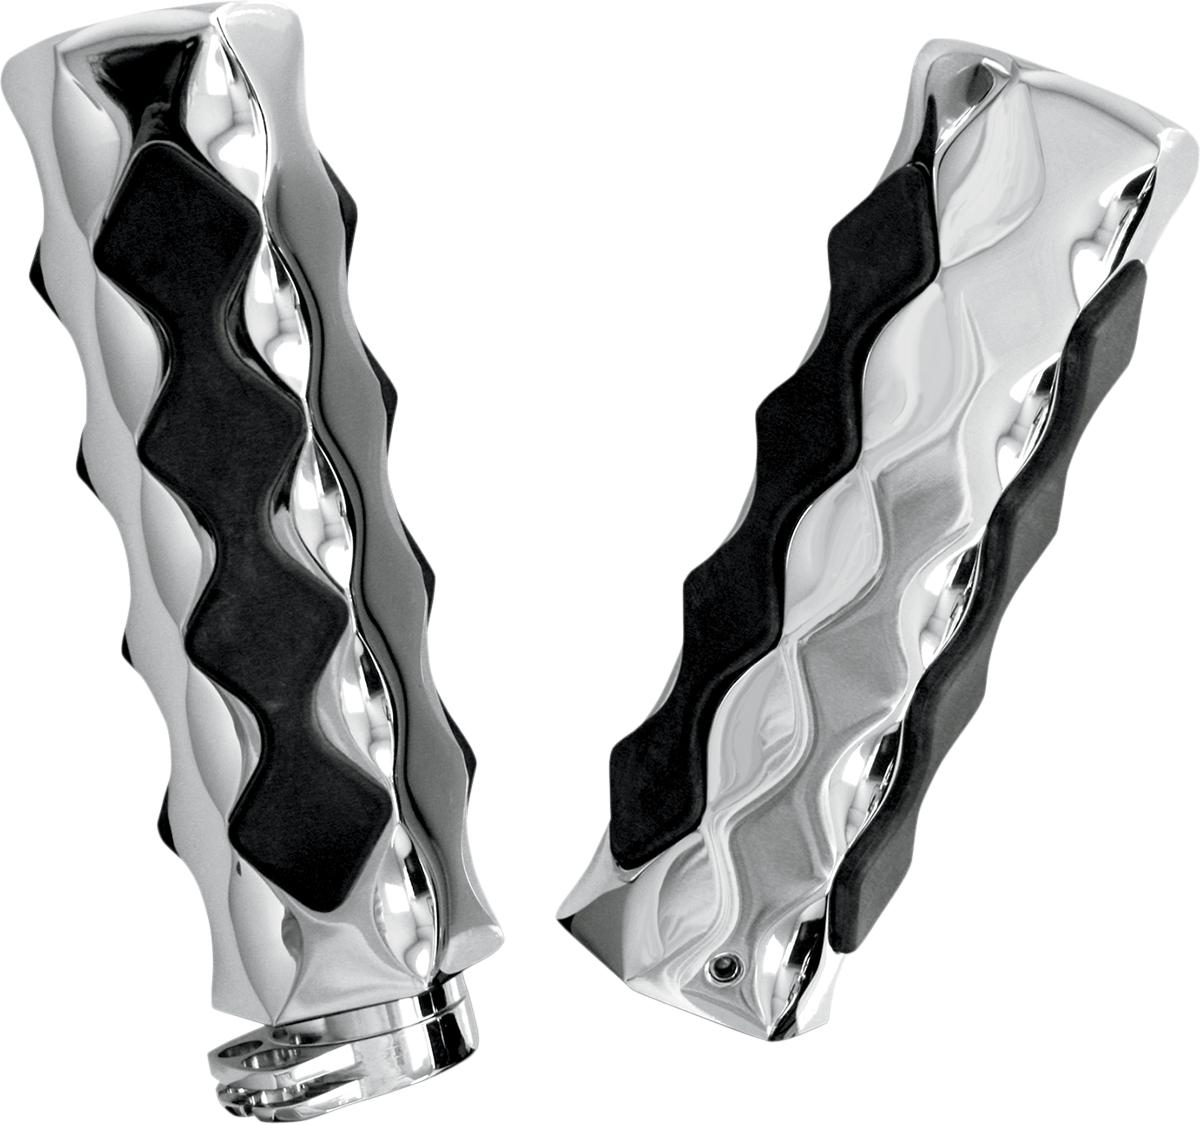 Baron Hex Comfort Grips w/Comfort Pads